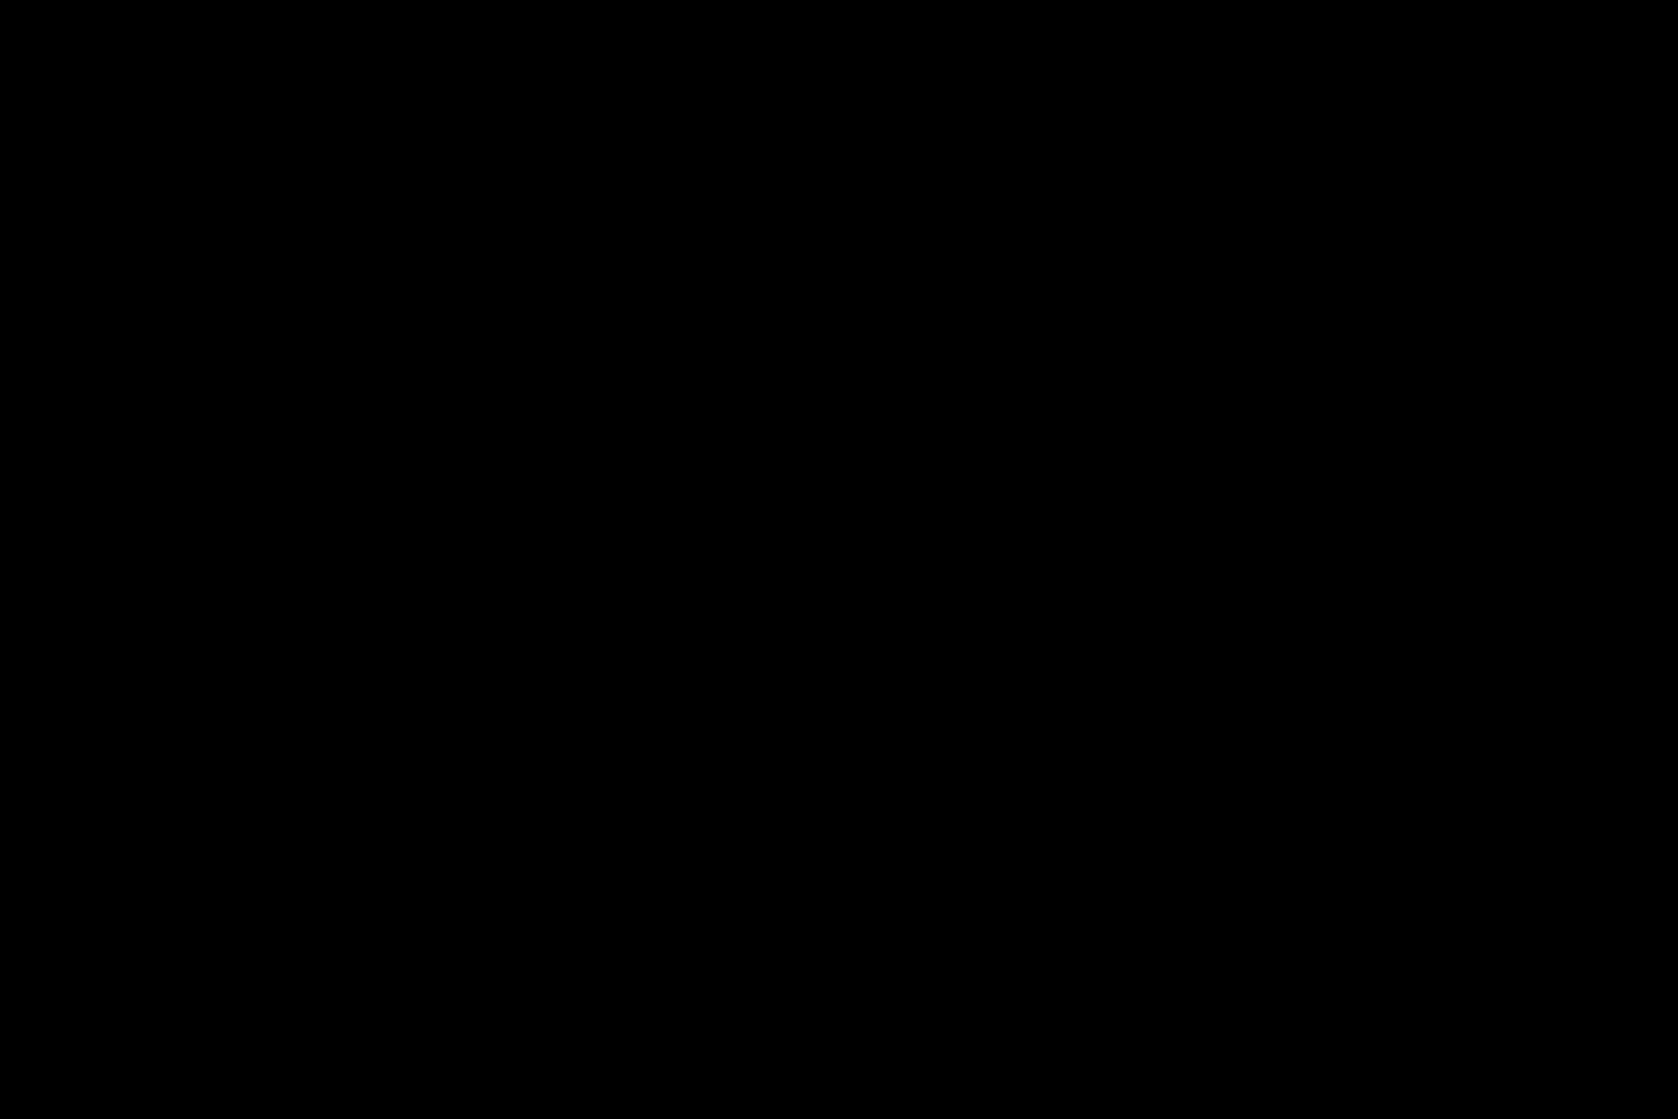 Afbeeldingsresultaat voor proled logo